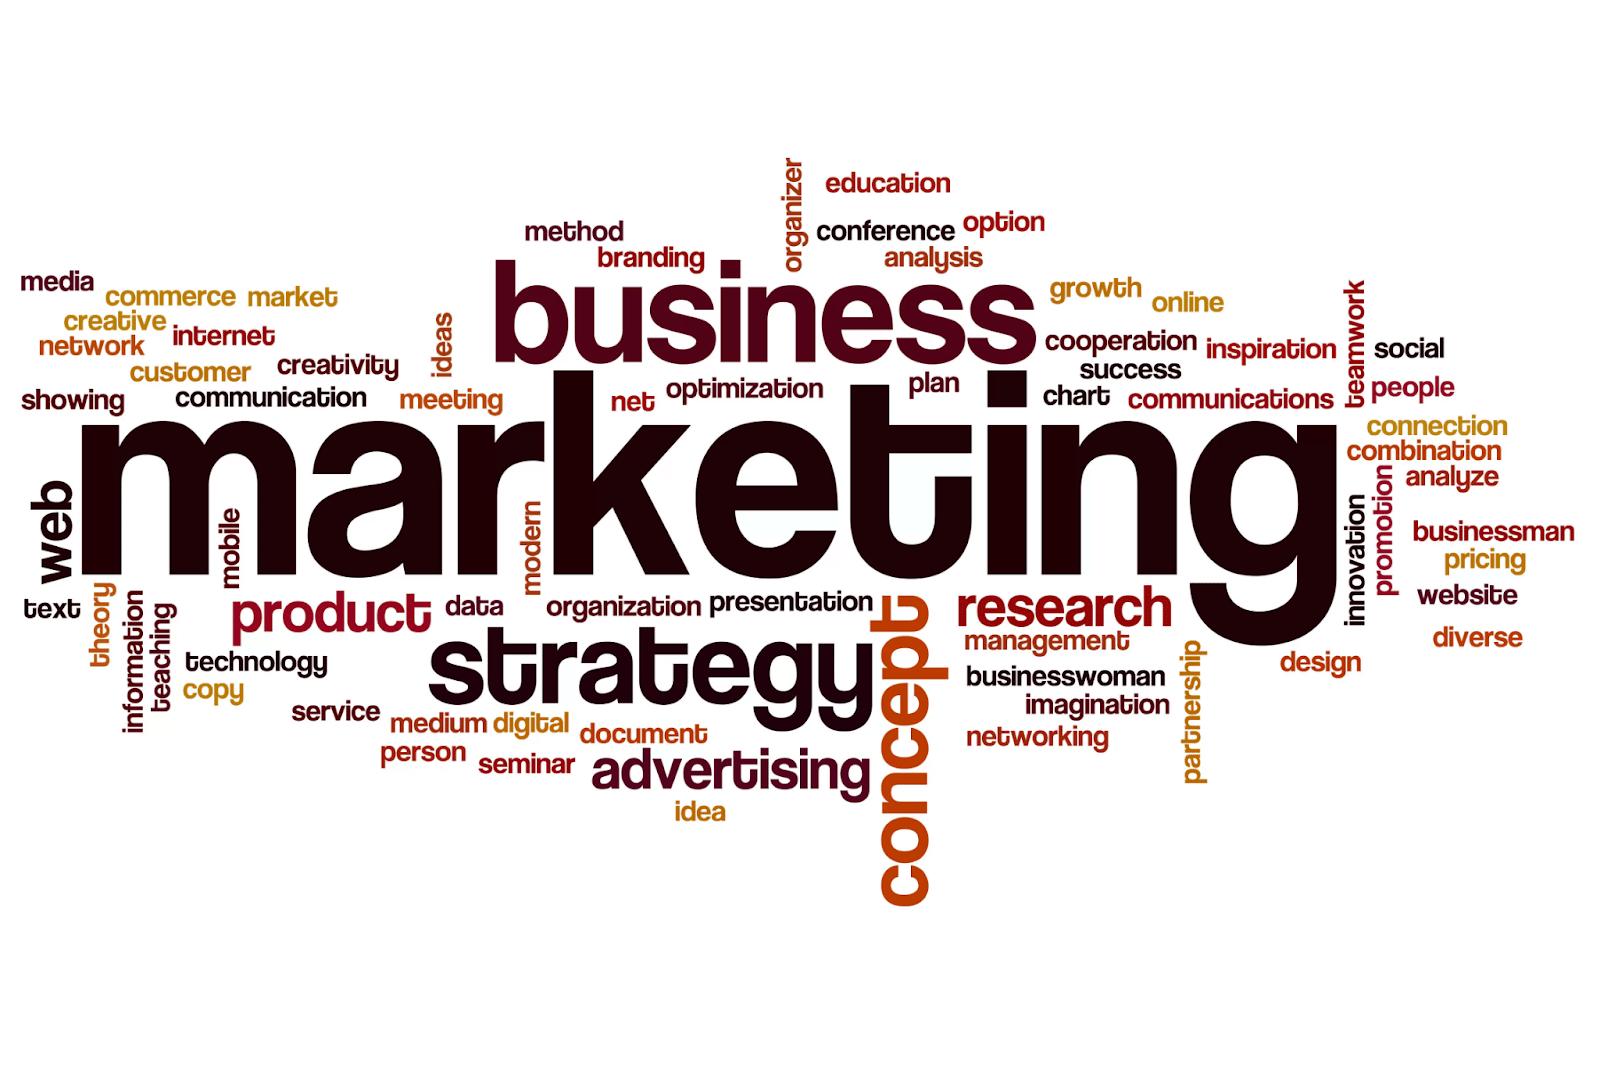 Khi học marketing, hầu hết học viên sẽ được cung cấp đầy đủ các nội dung kiến thức về nắm bắt tâm lý người dùng và tổ chức phương án truyền thông cho doanh nghiệp